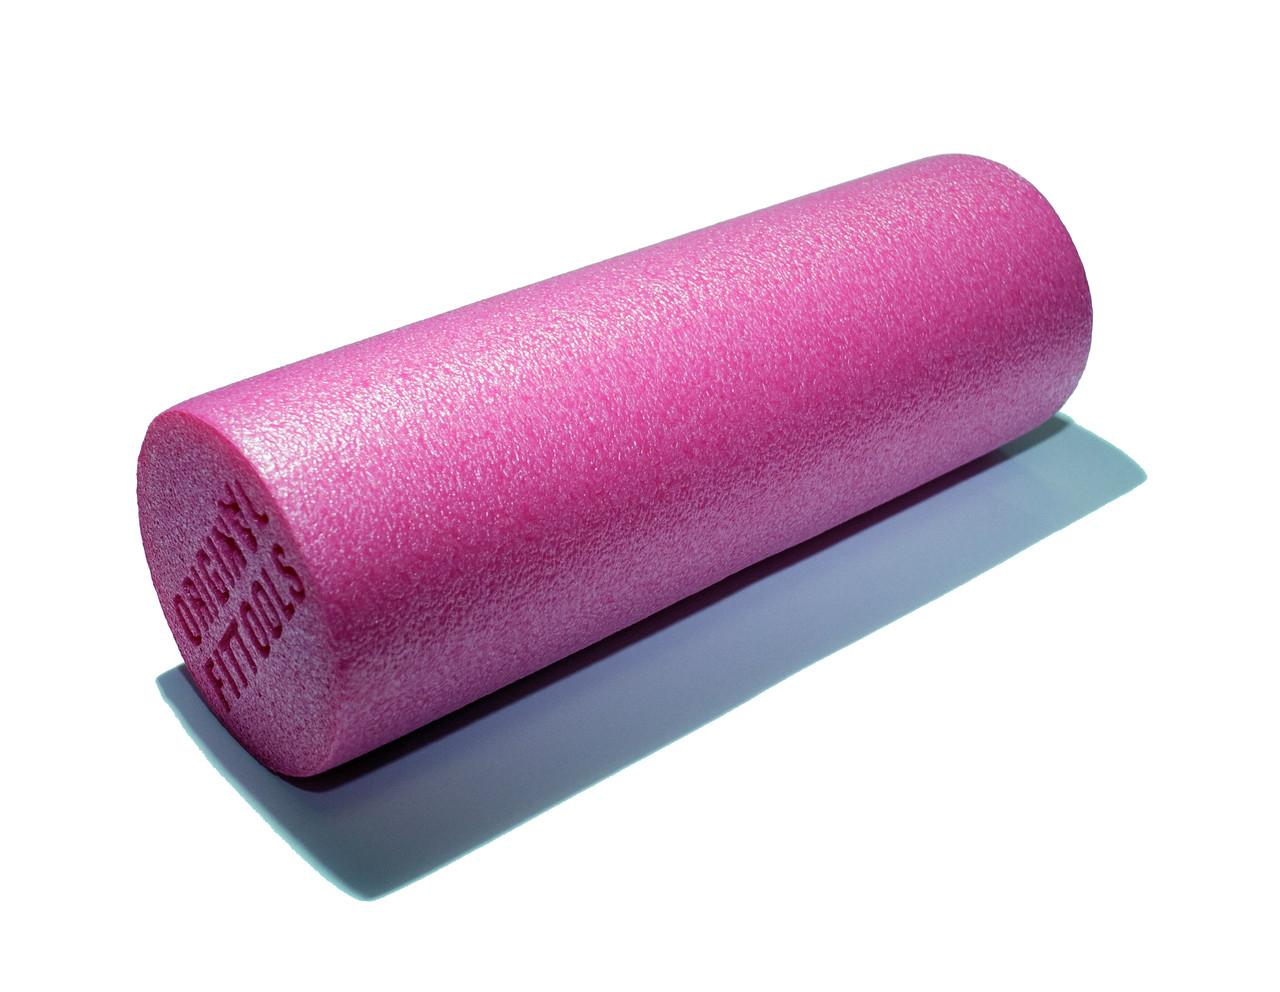 Цилиндр для йоги компактный 30 см EPE розовый